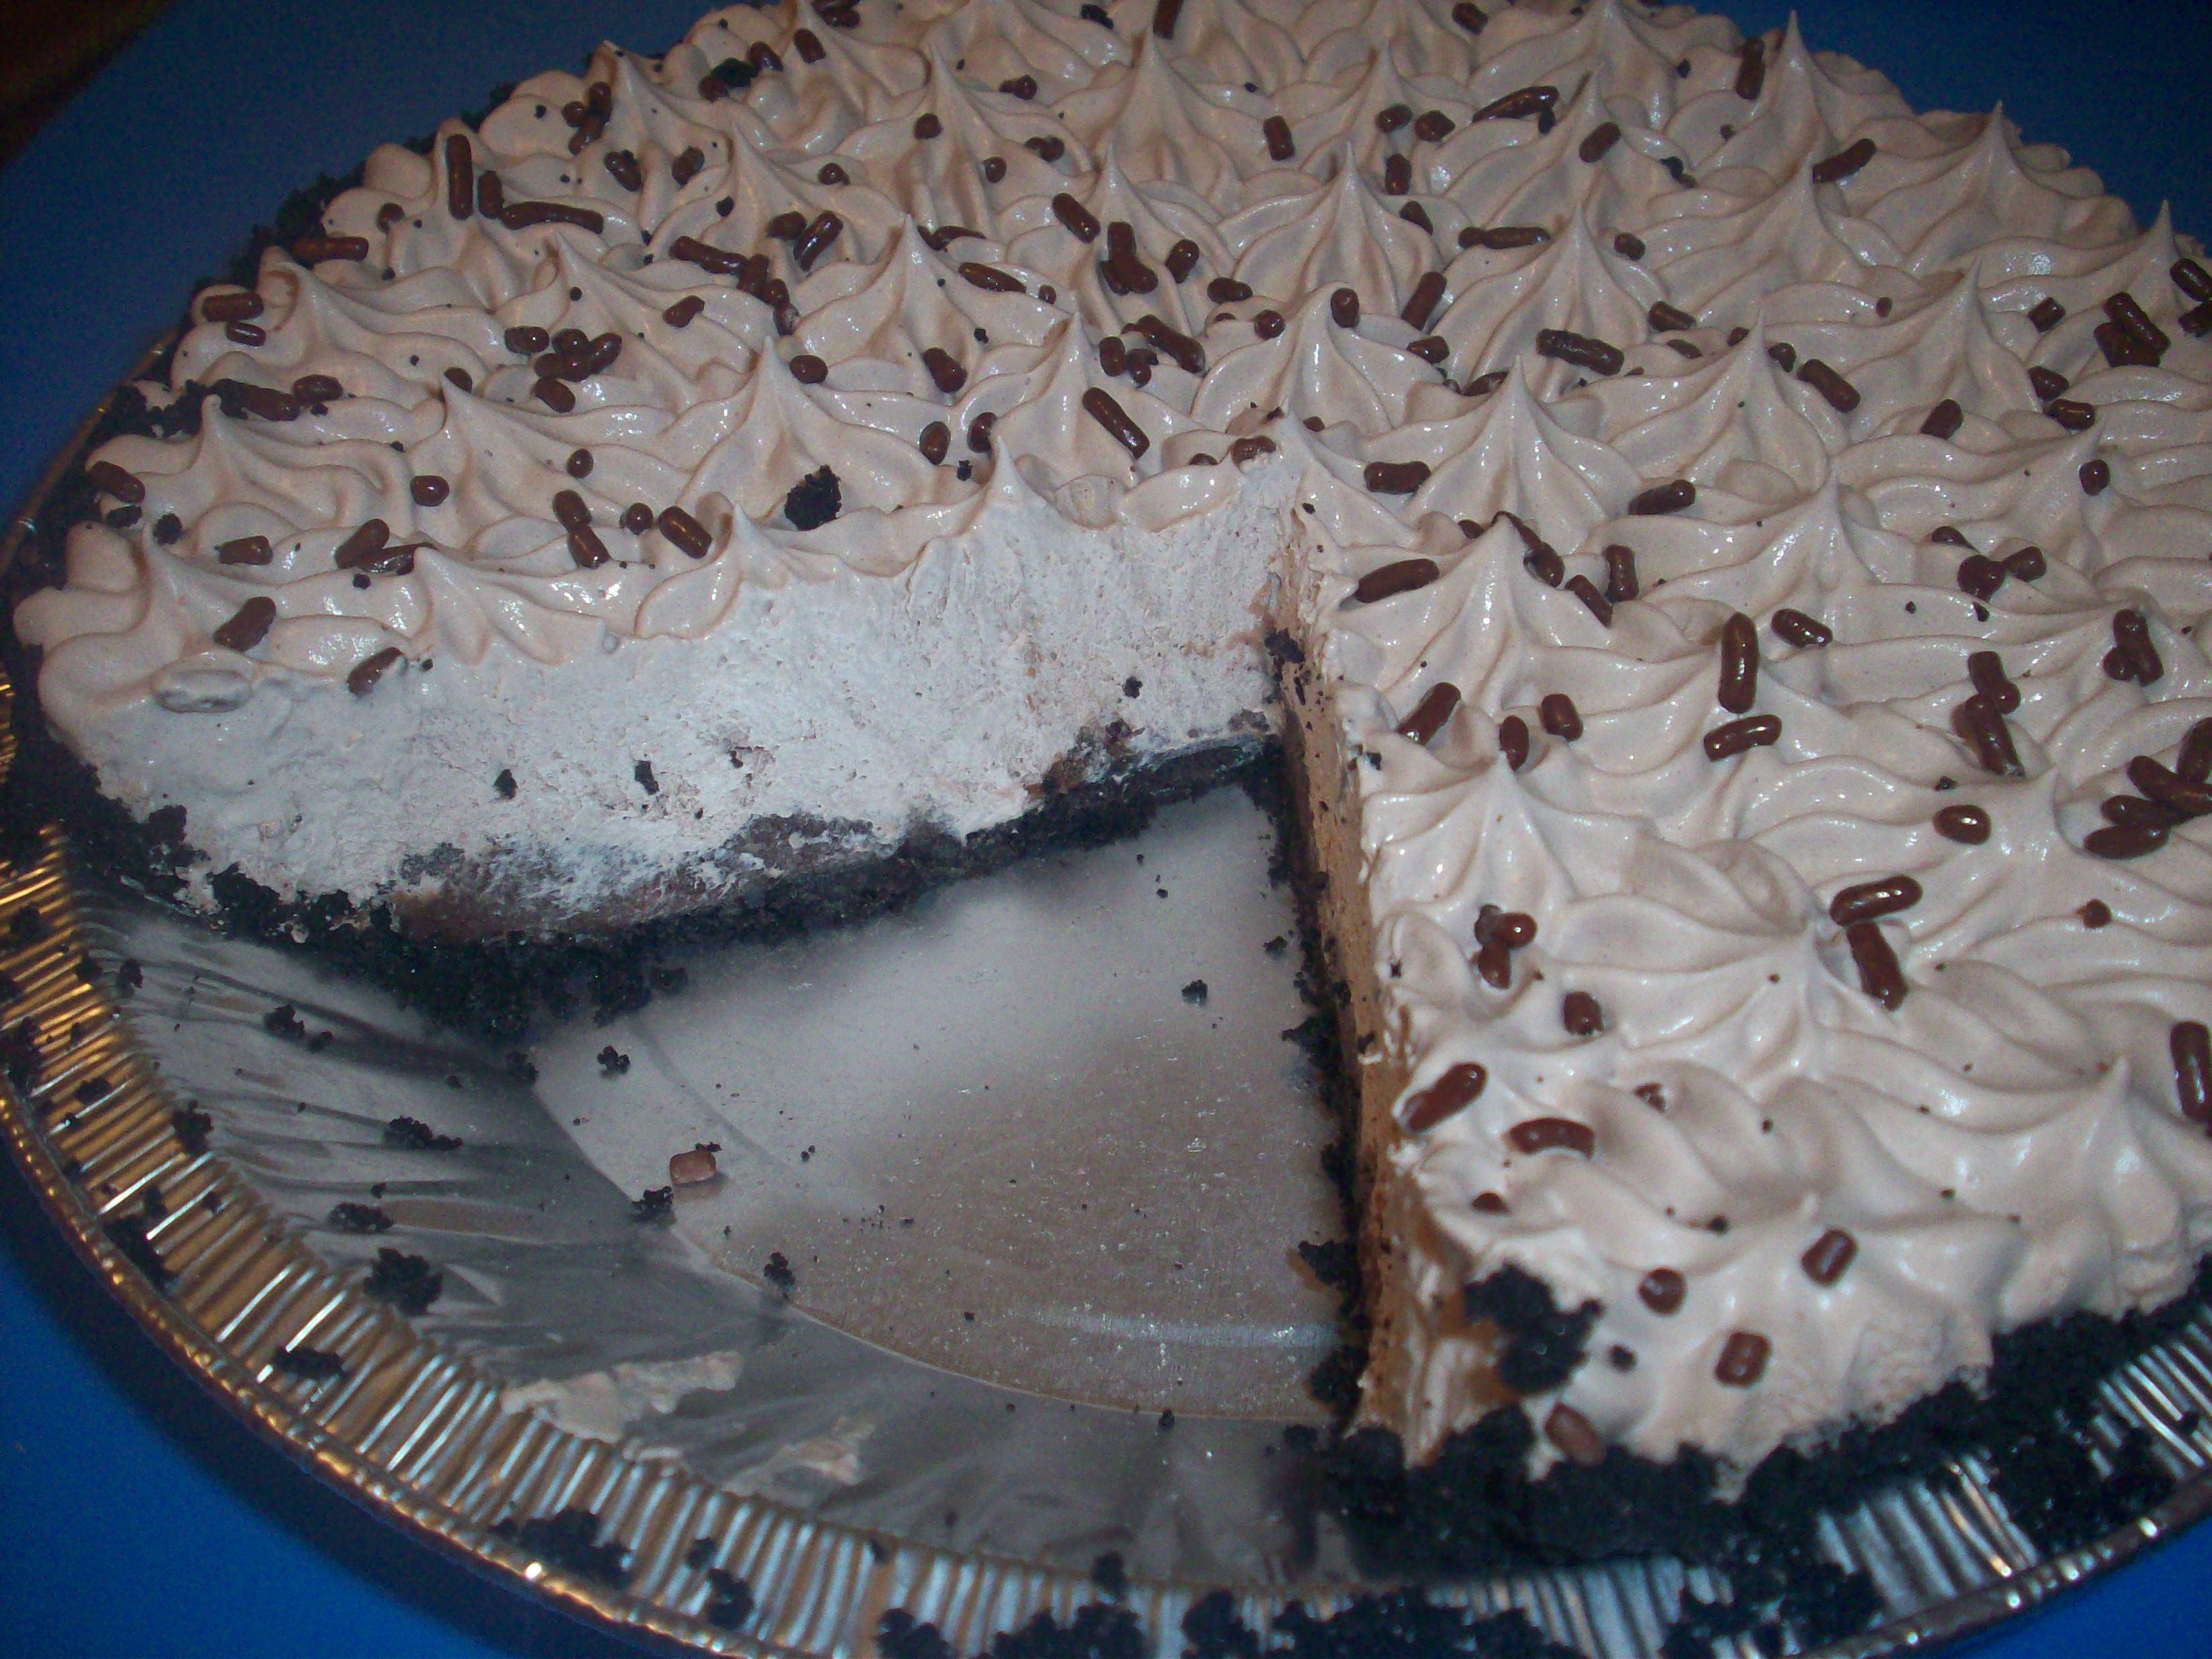 https://foodloader.net/cutie_2010-04-21_KFCs_Triple_Chocolate_Mud_Pie.jpg